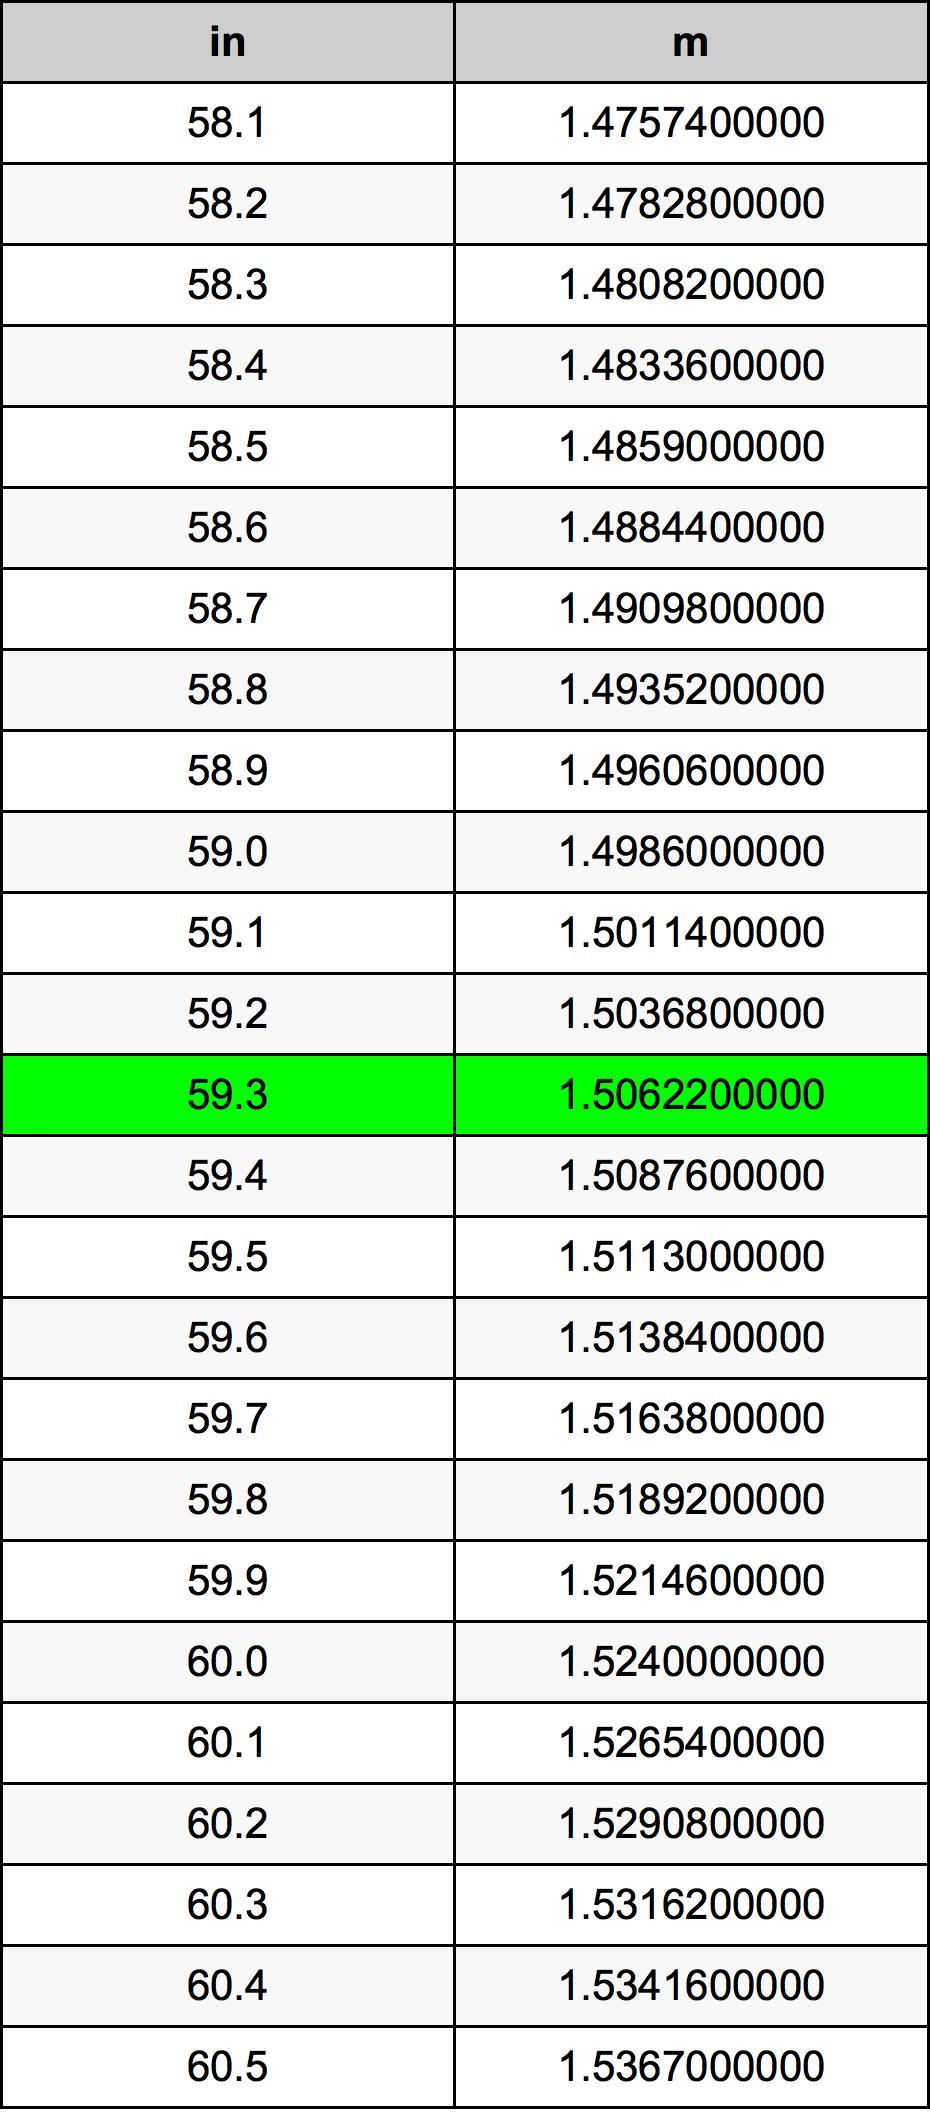 59.3 Pulzier konverżjoni tabella